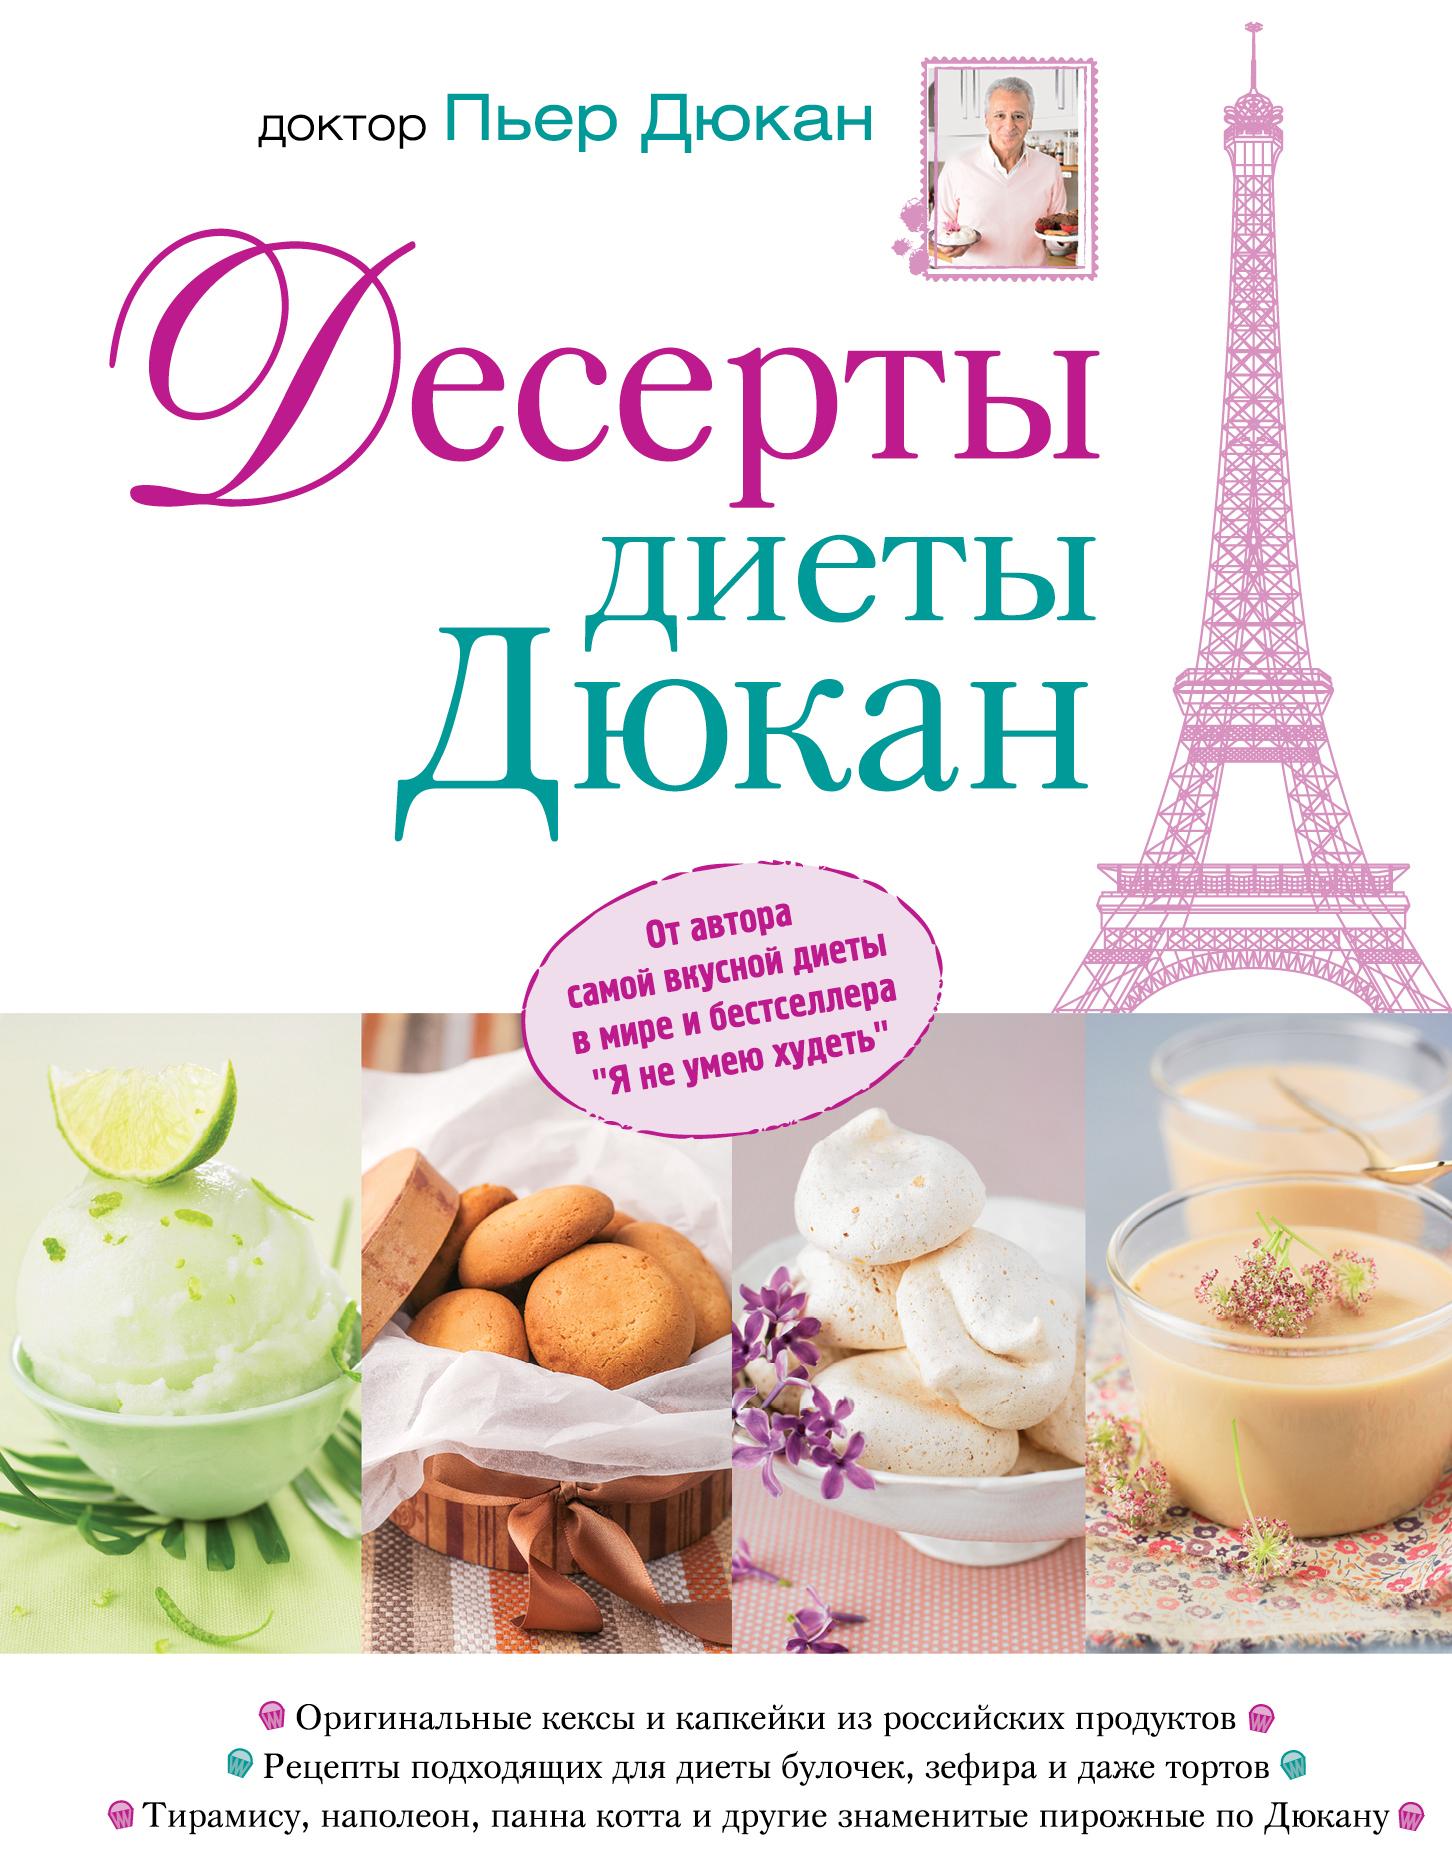 Диета пьера дюкан отзывы о диете